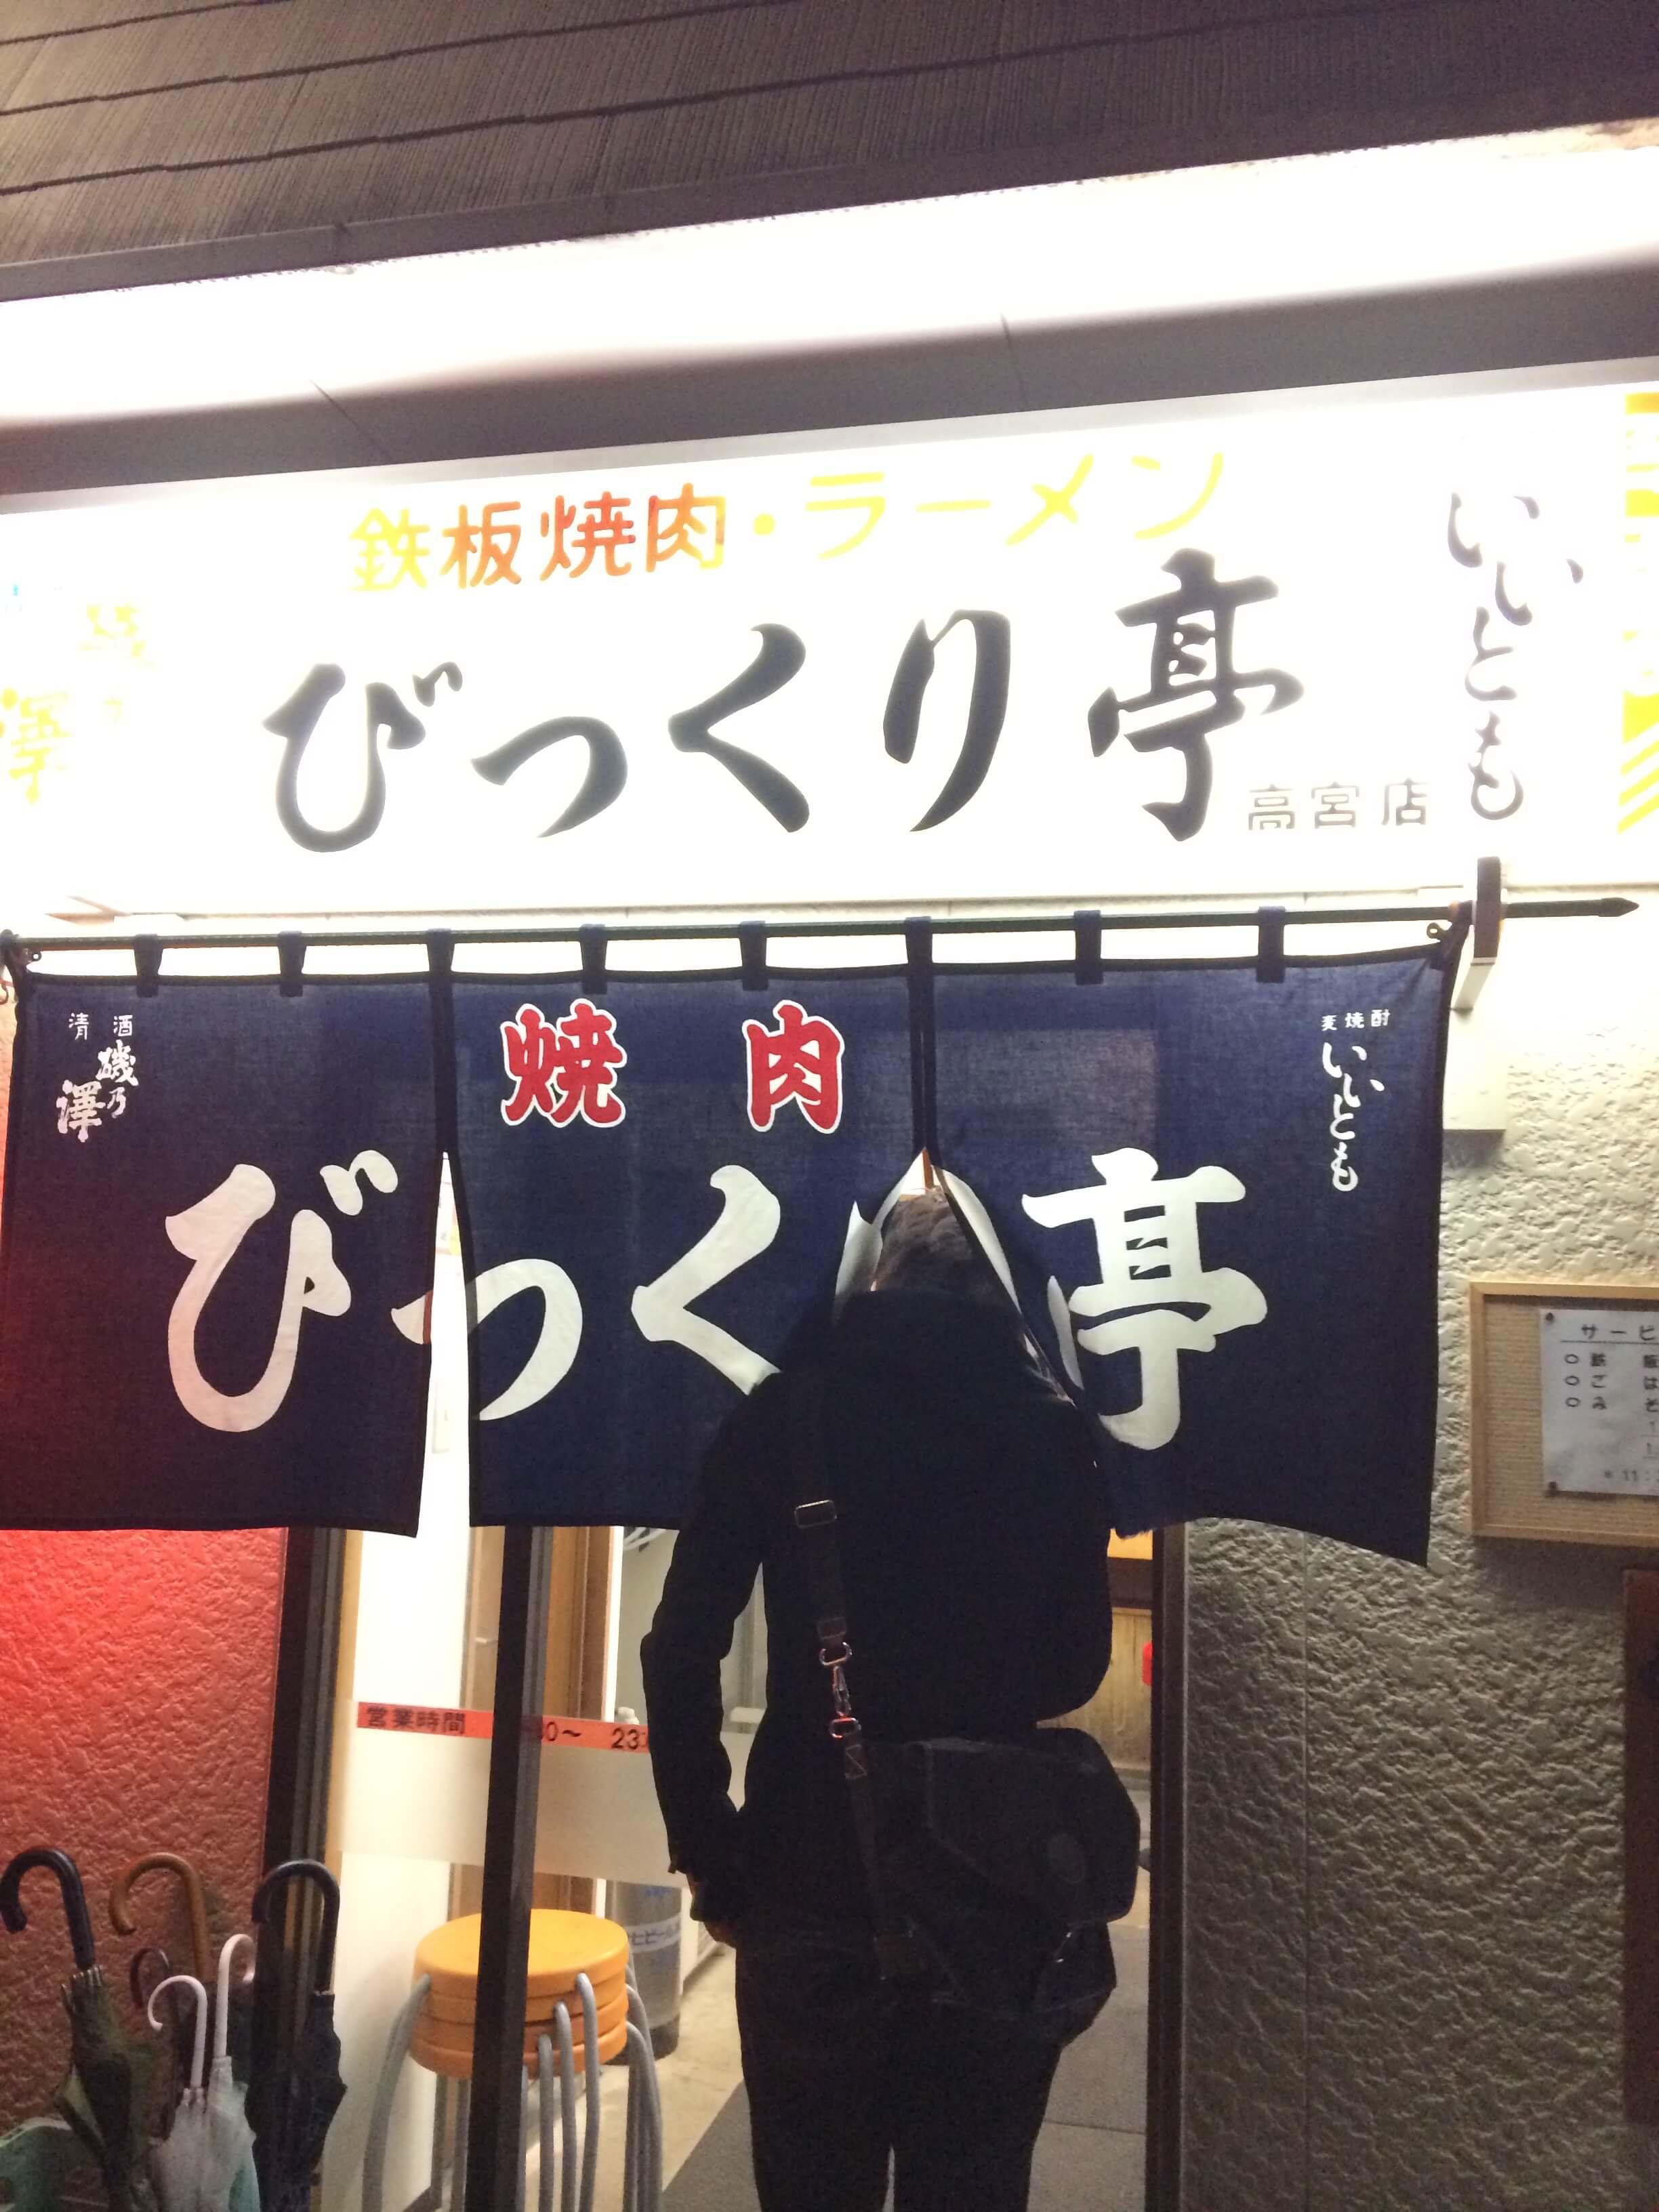 びっくり亭高宮店入口